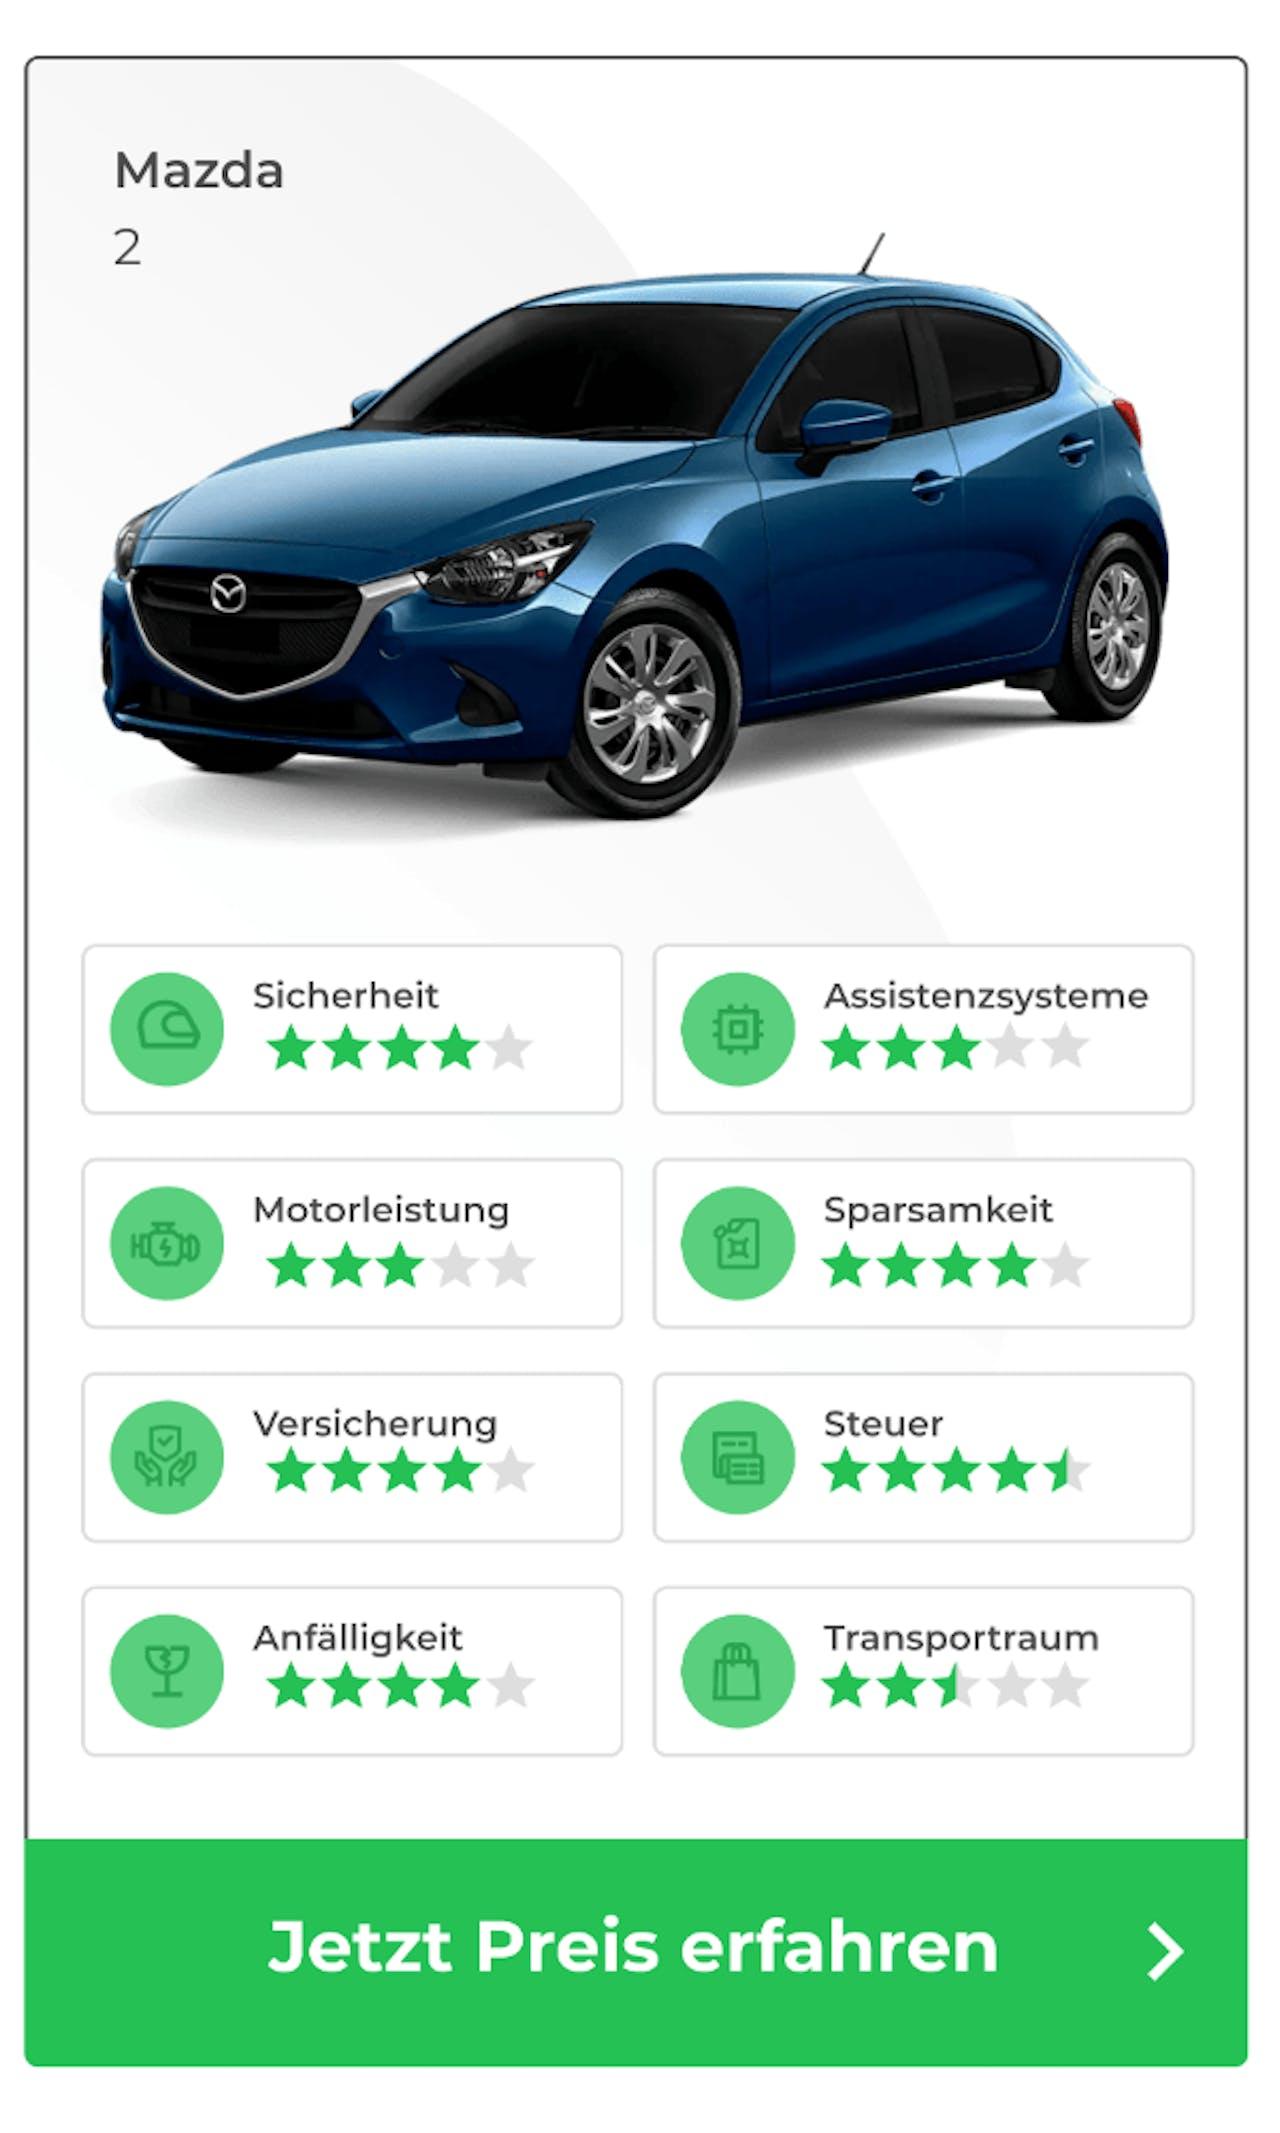 Mazda 2 im VEHICULUM Vergleich des besten Anfängerautos. Jetzt zum Resultat im Check